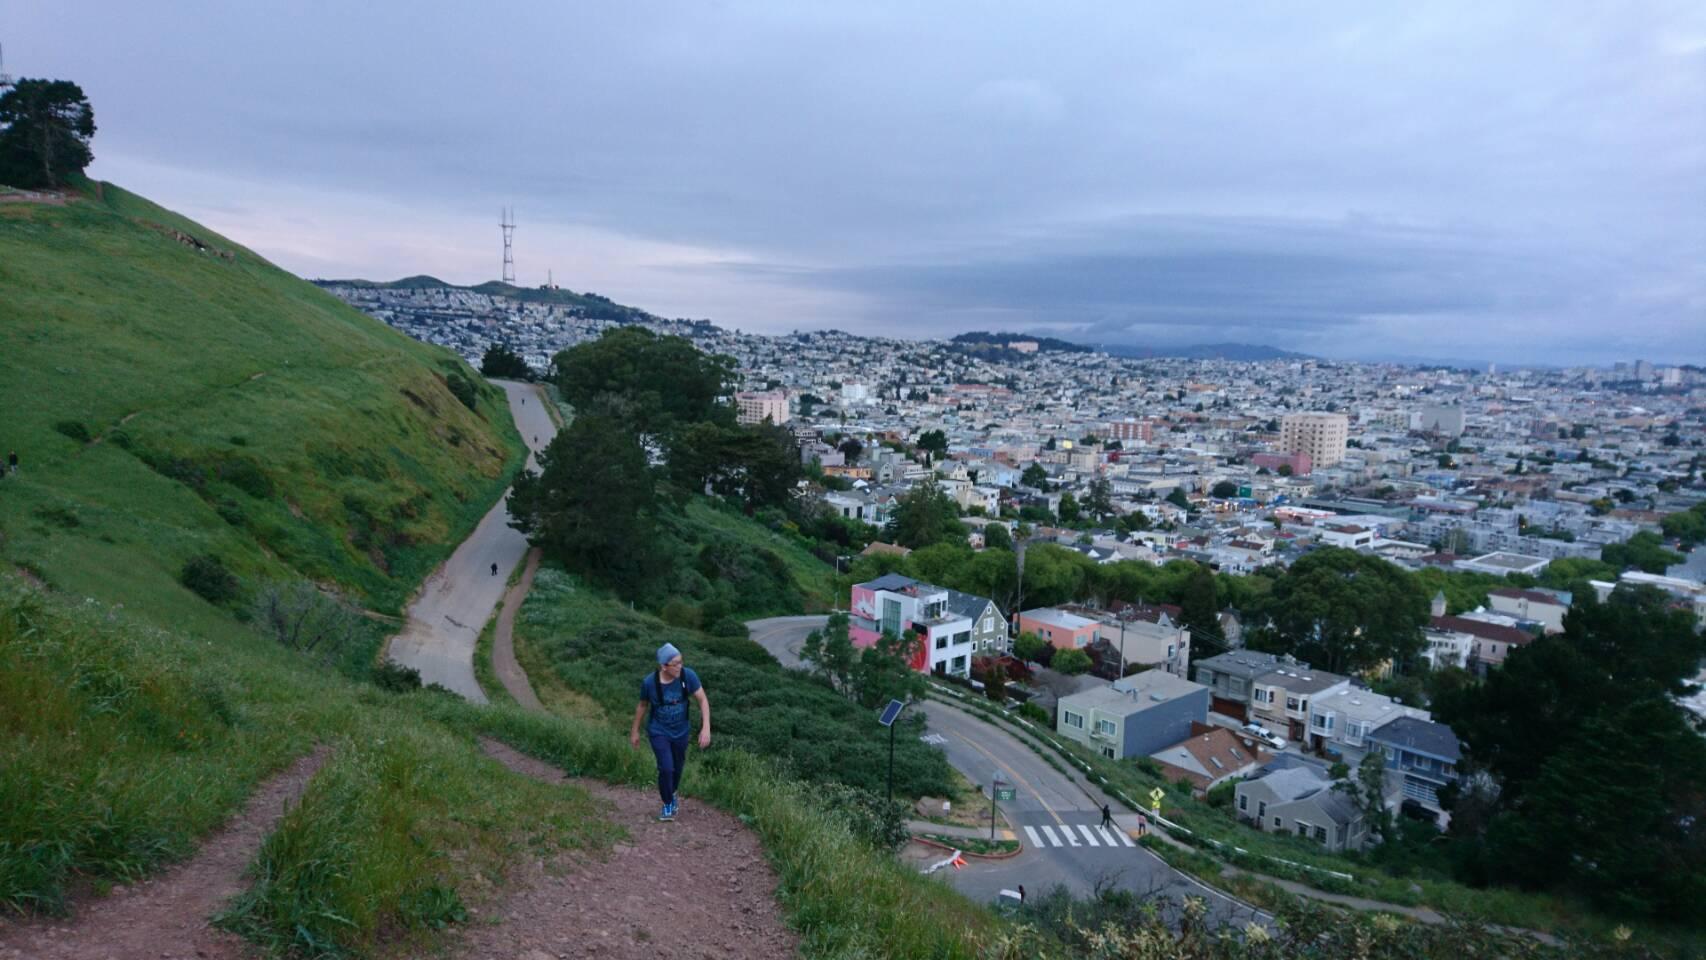 2017.4.8-4.14 ポートランド・サンフランシスコを巡る、走って呑んで食べる旅 day5_b0219778_19320879.jpg